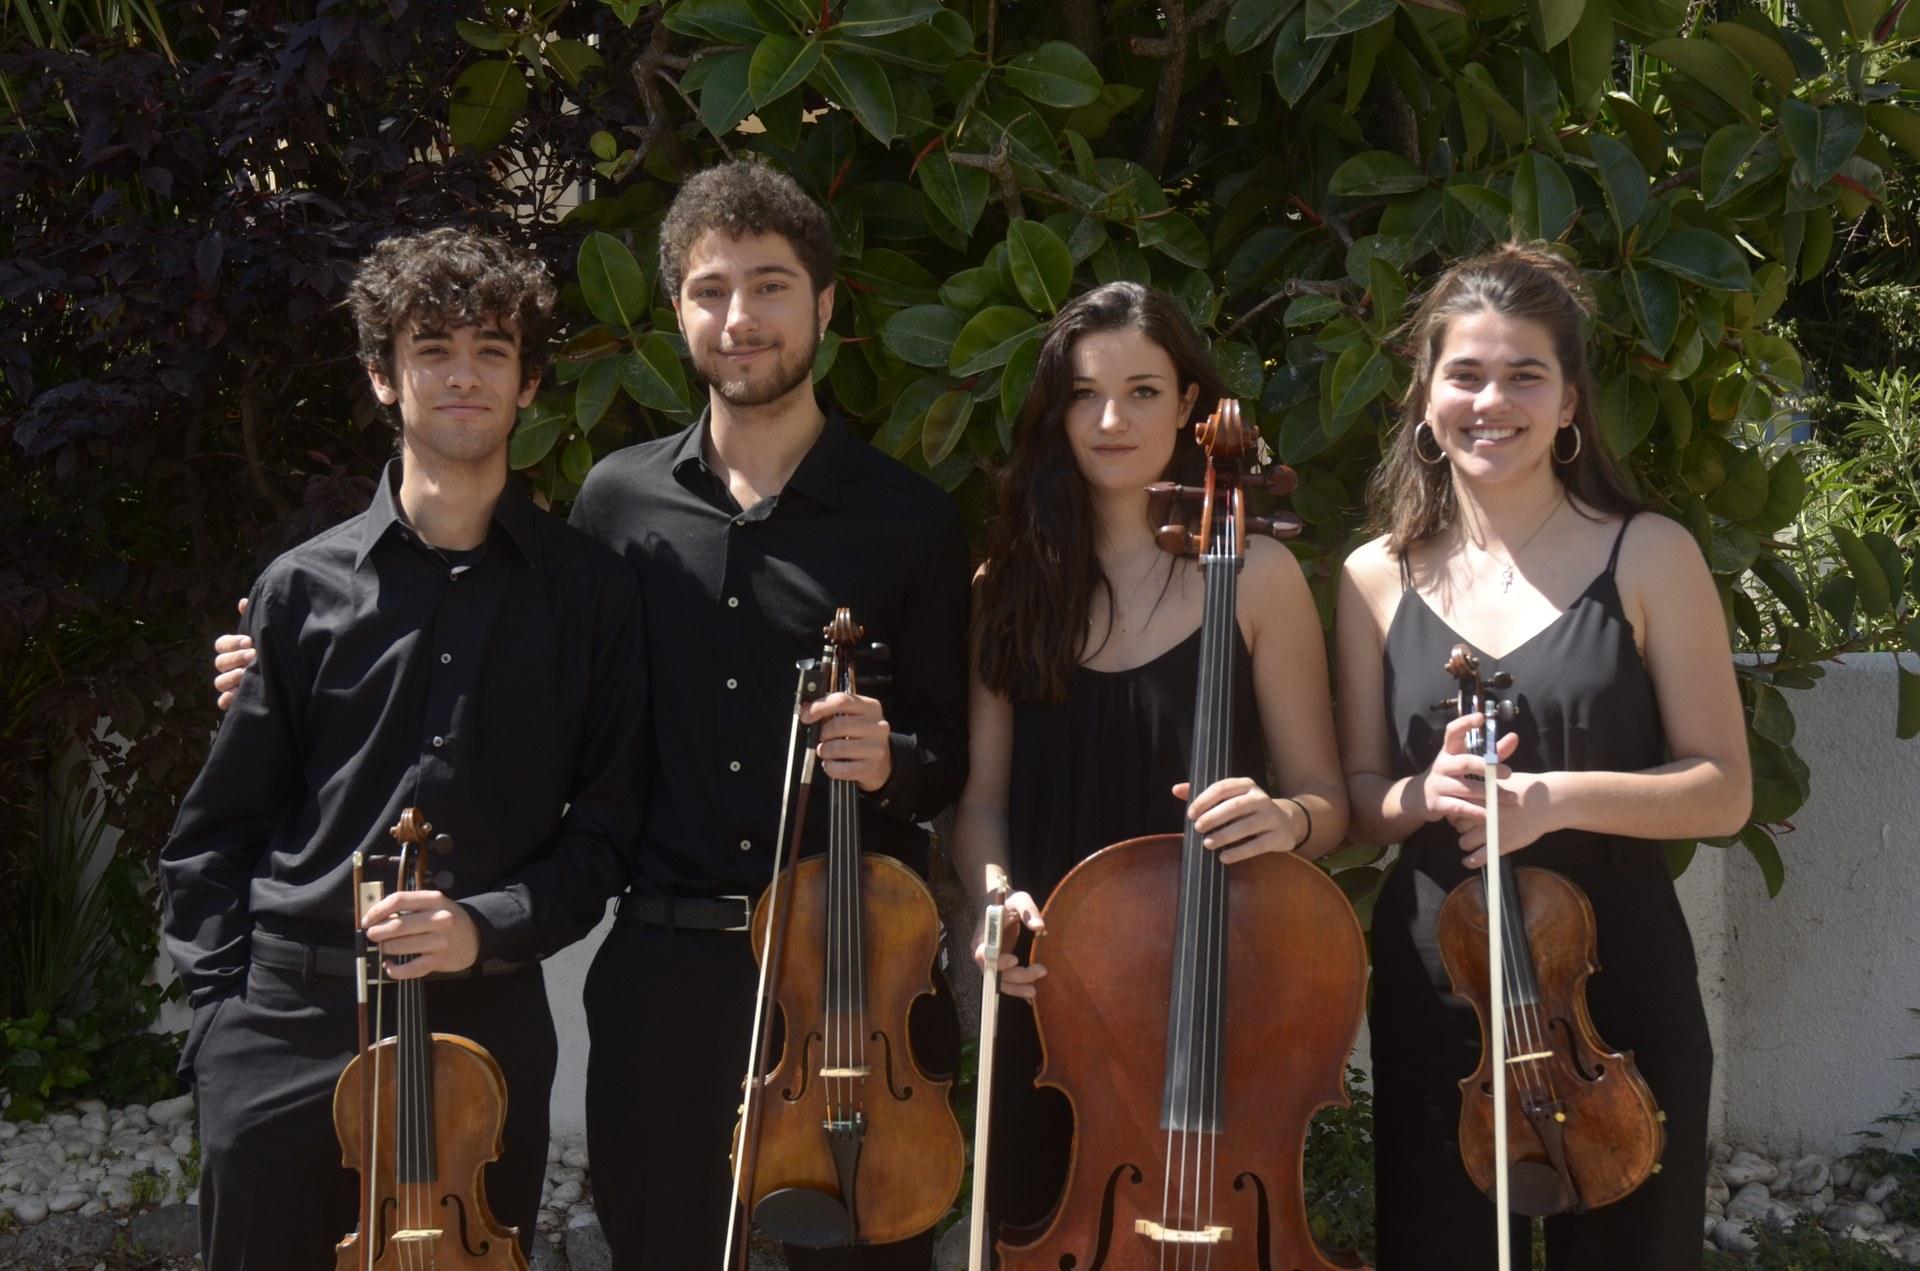 S'inicia una nova edició de la música clàssica al Racó de la Calma aquest dijous amb el Quartet Toldrà